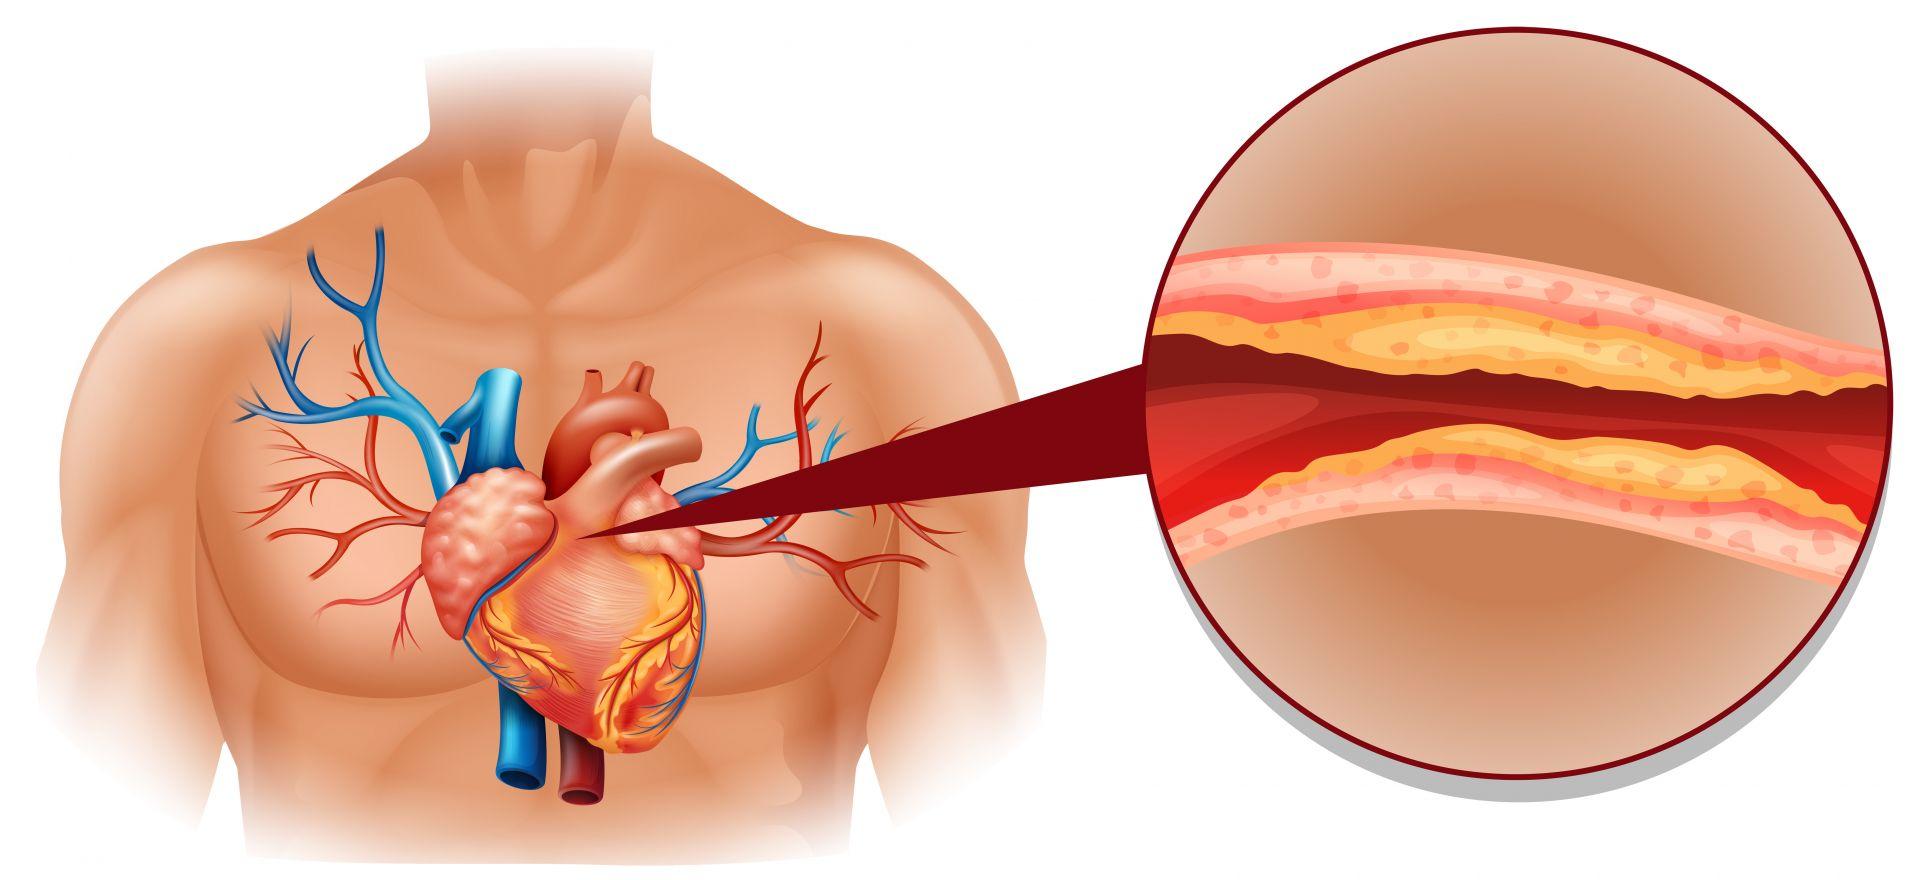 每5人就有1人血脂超標!壓力大、飲食不節……都是致病因子